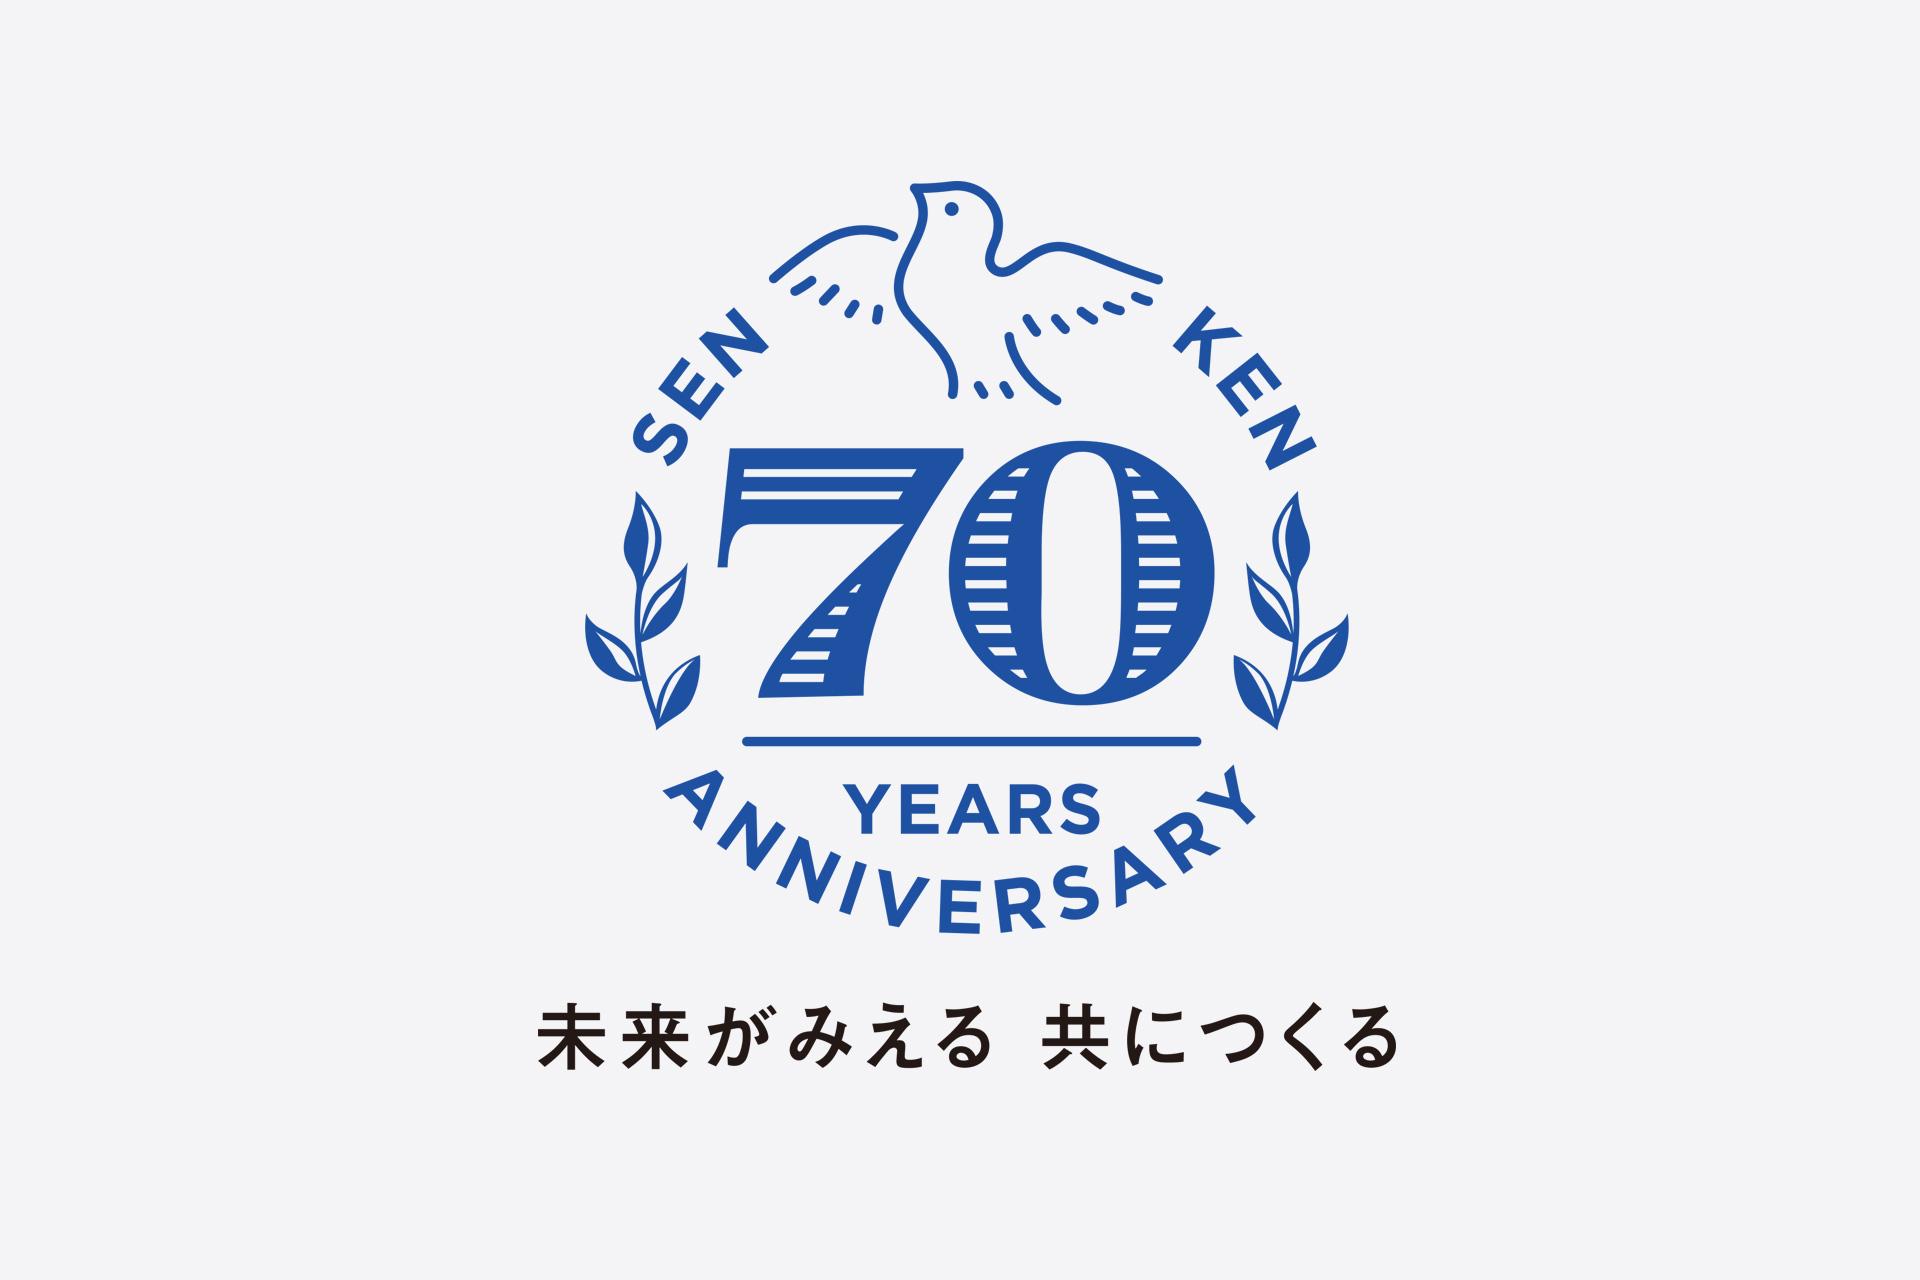 繊研新聞社創業70周年ロゴ